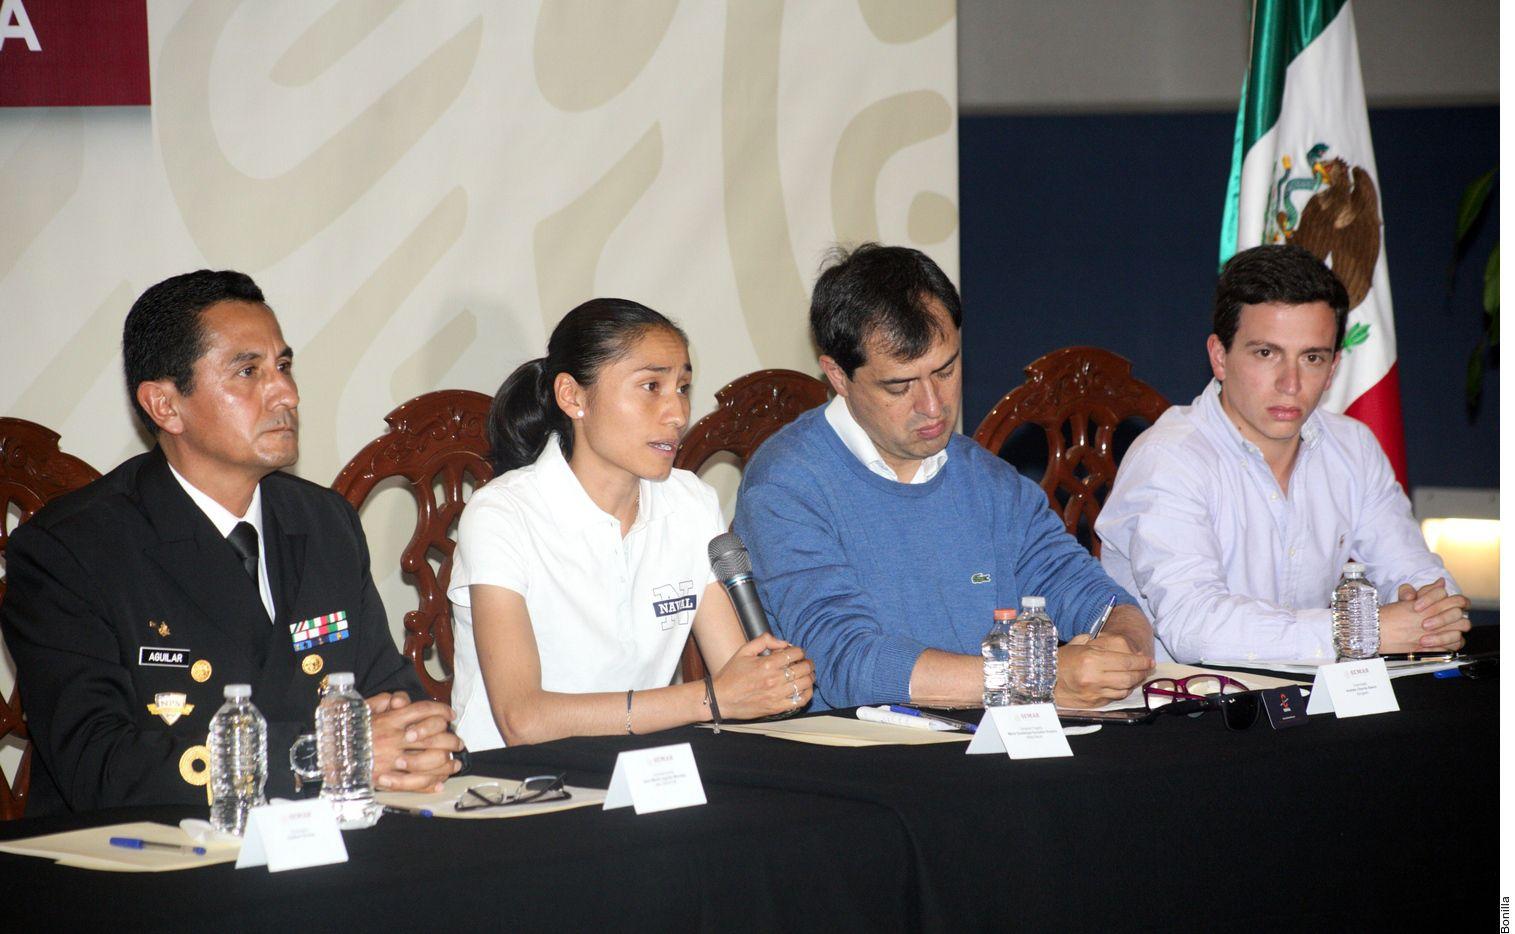 La marchista mexicana (segunda de izq. a der.) y medallista de plata en Río 2016 aseguró no haber consumido de forma voluntaria la trembolona y manifestó haber recibido una asesoría inadecuada por parte de su anterior defensa. (AGENCIA REFORMA)